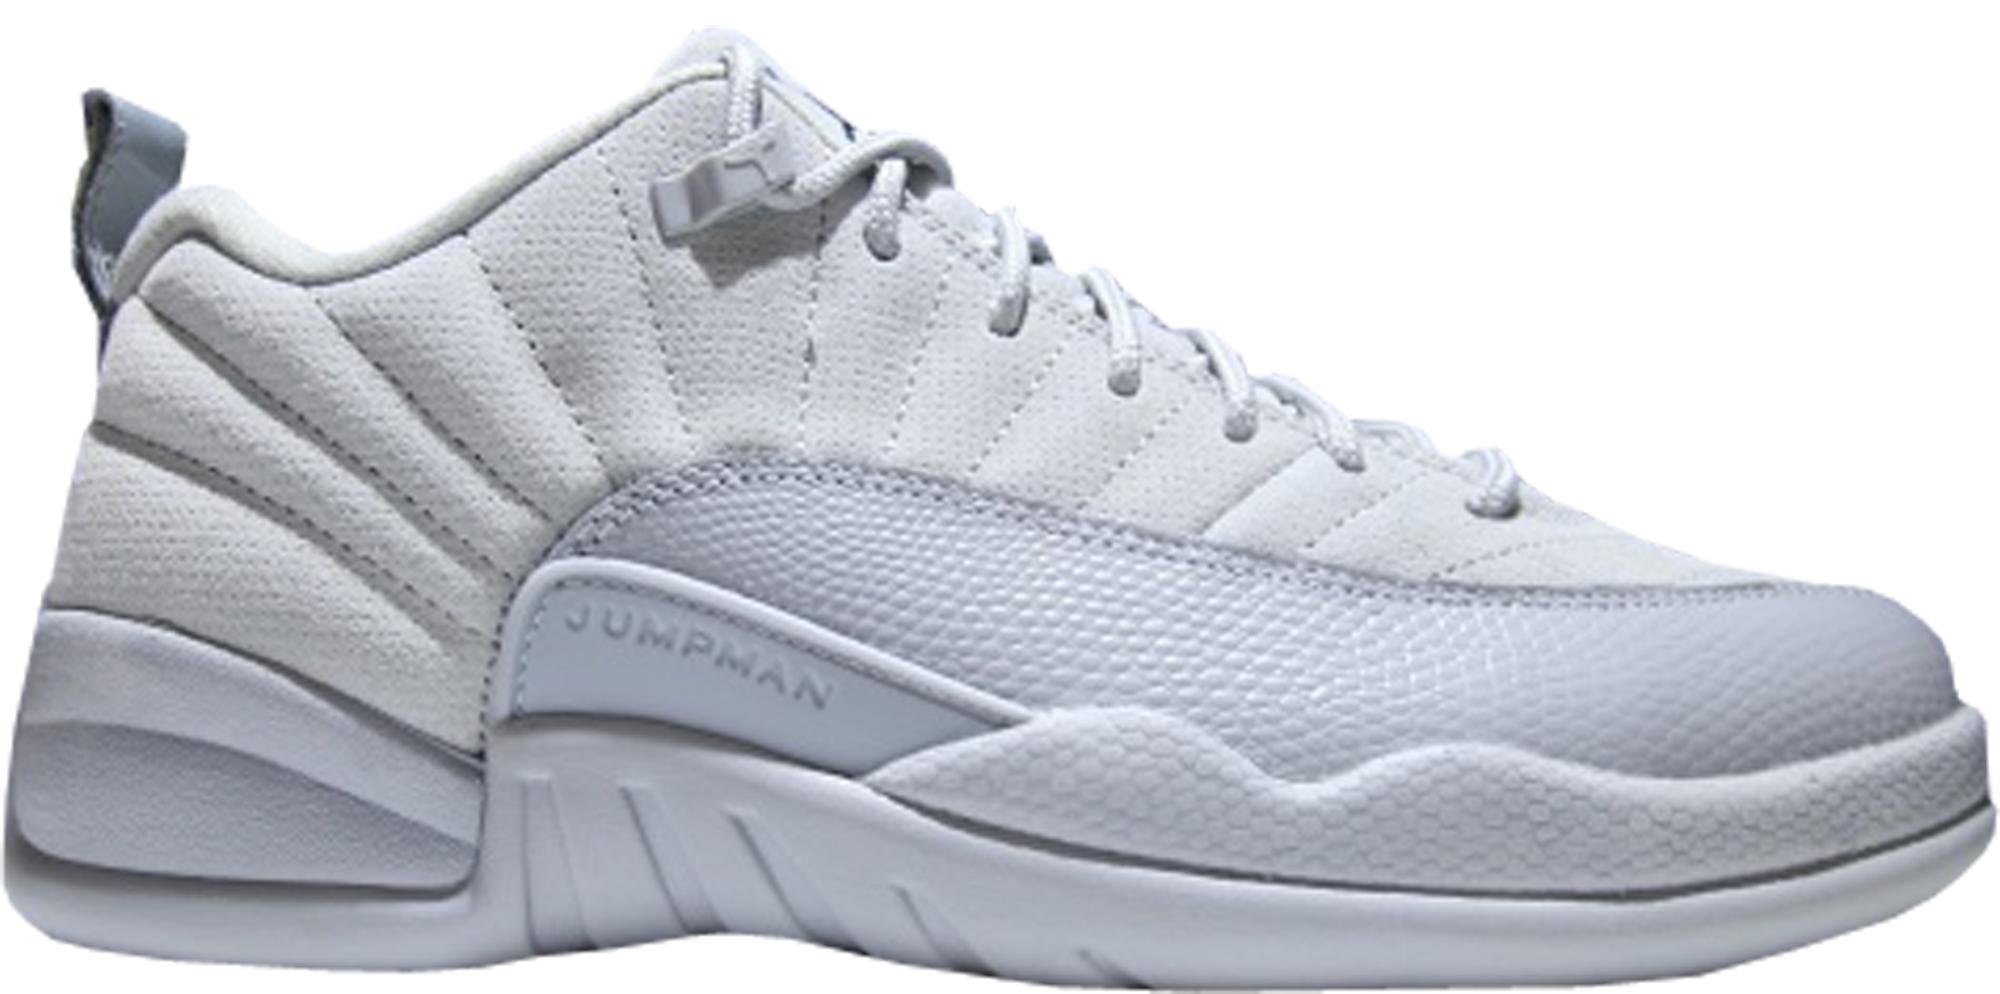 release date 36301 70801 Air Jordan 12 Retro Low Wolf Grey